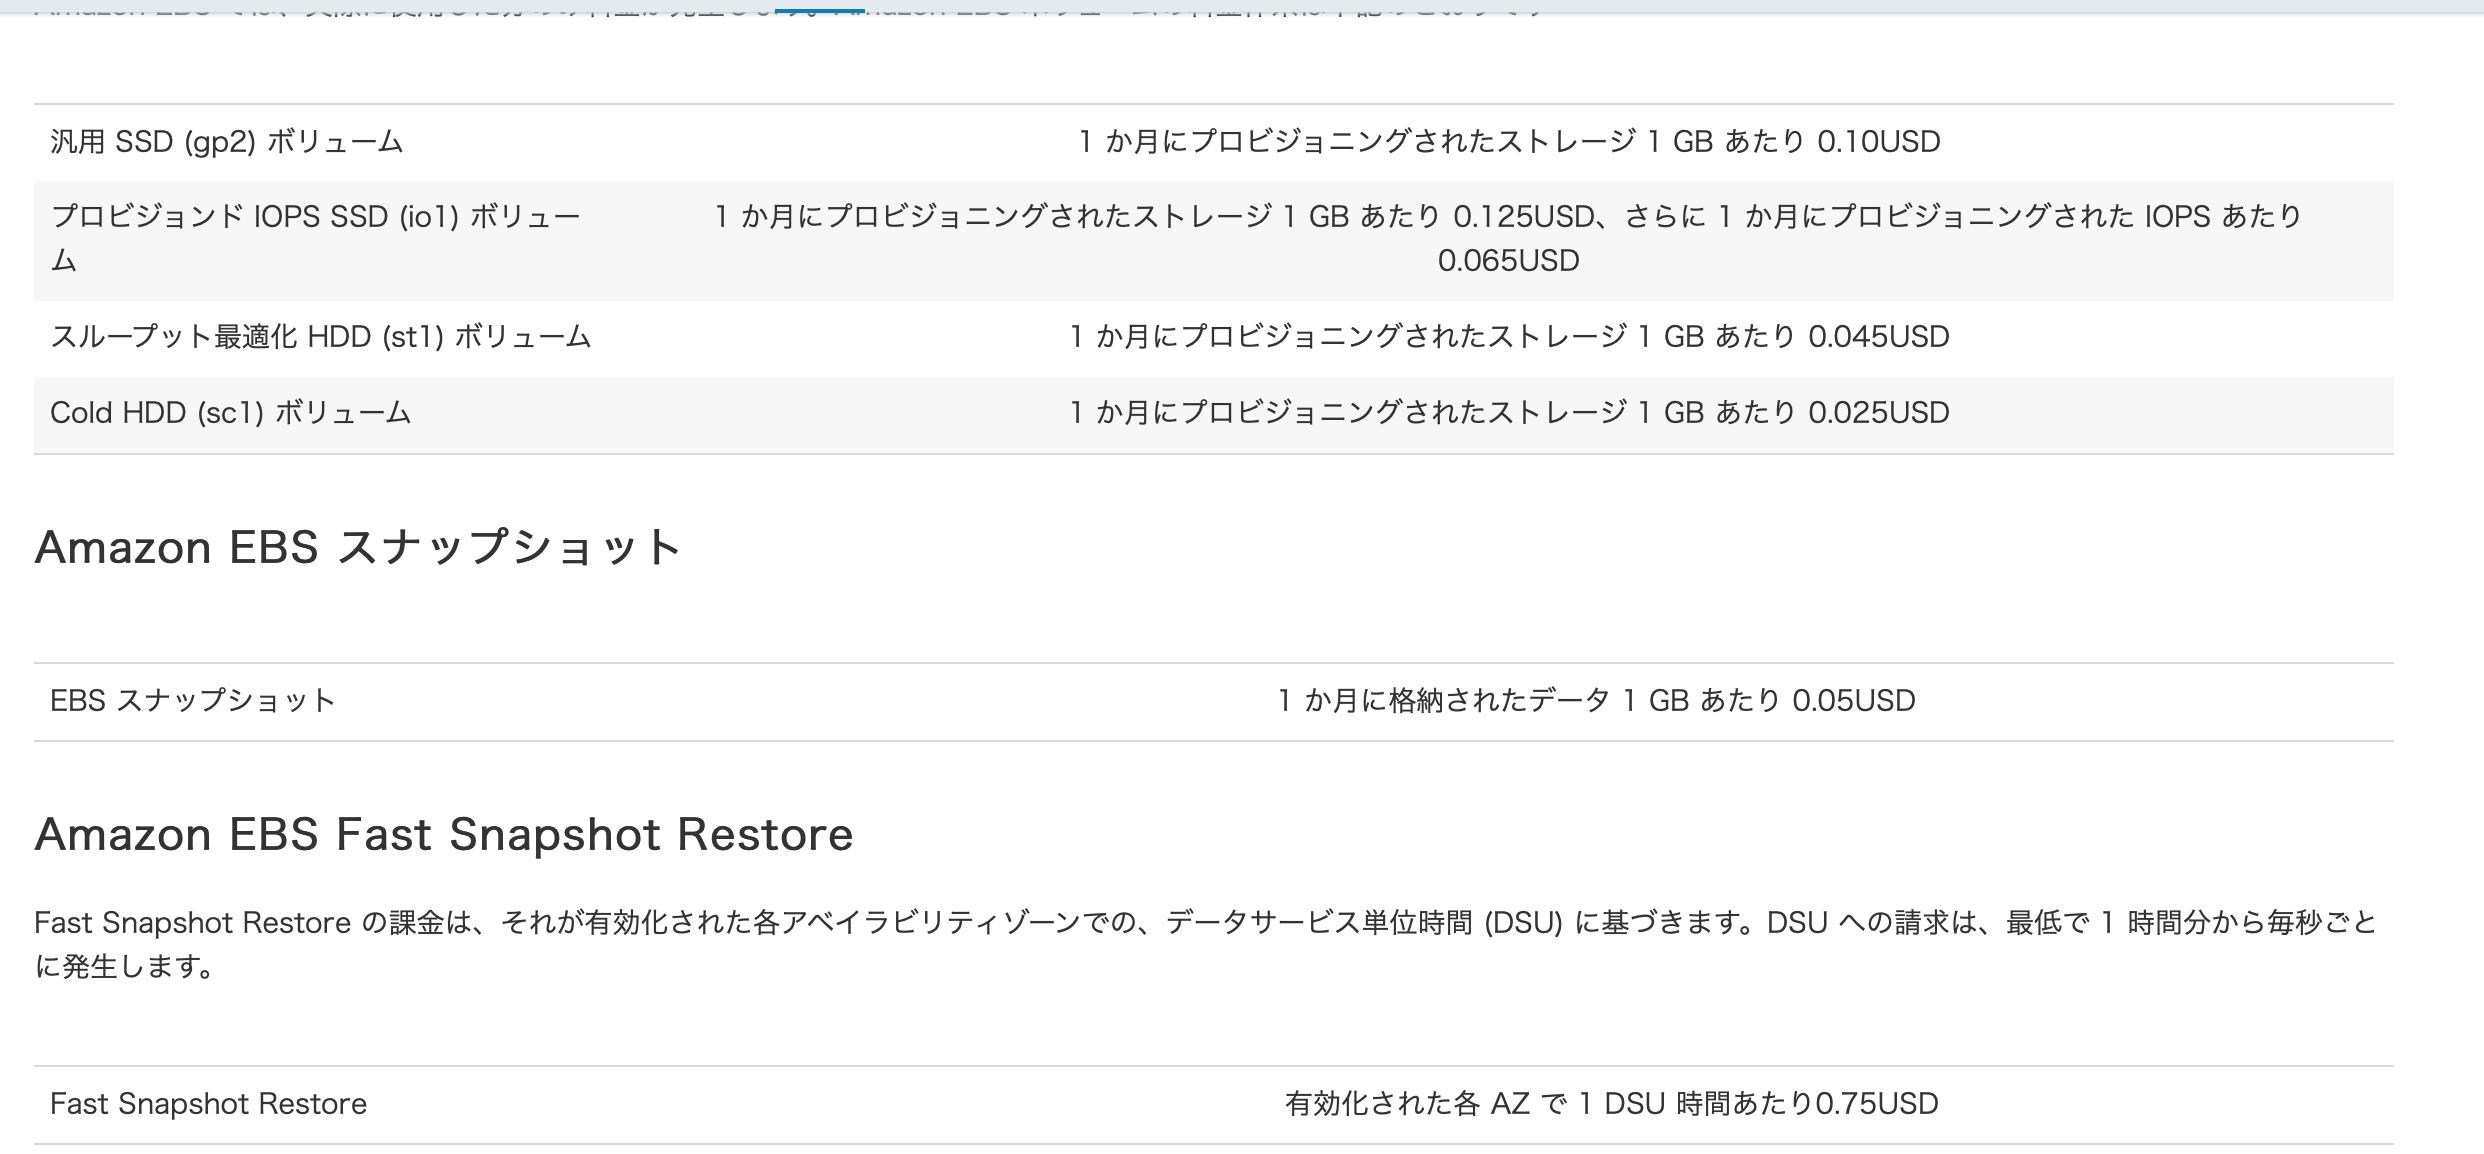 スクリーンショット 2020-02-06 20.47.32.png